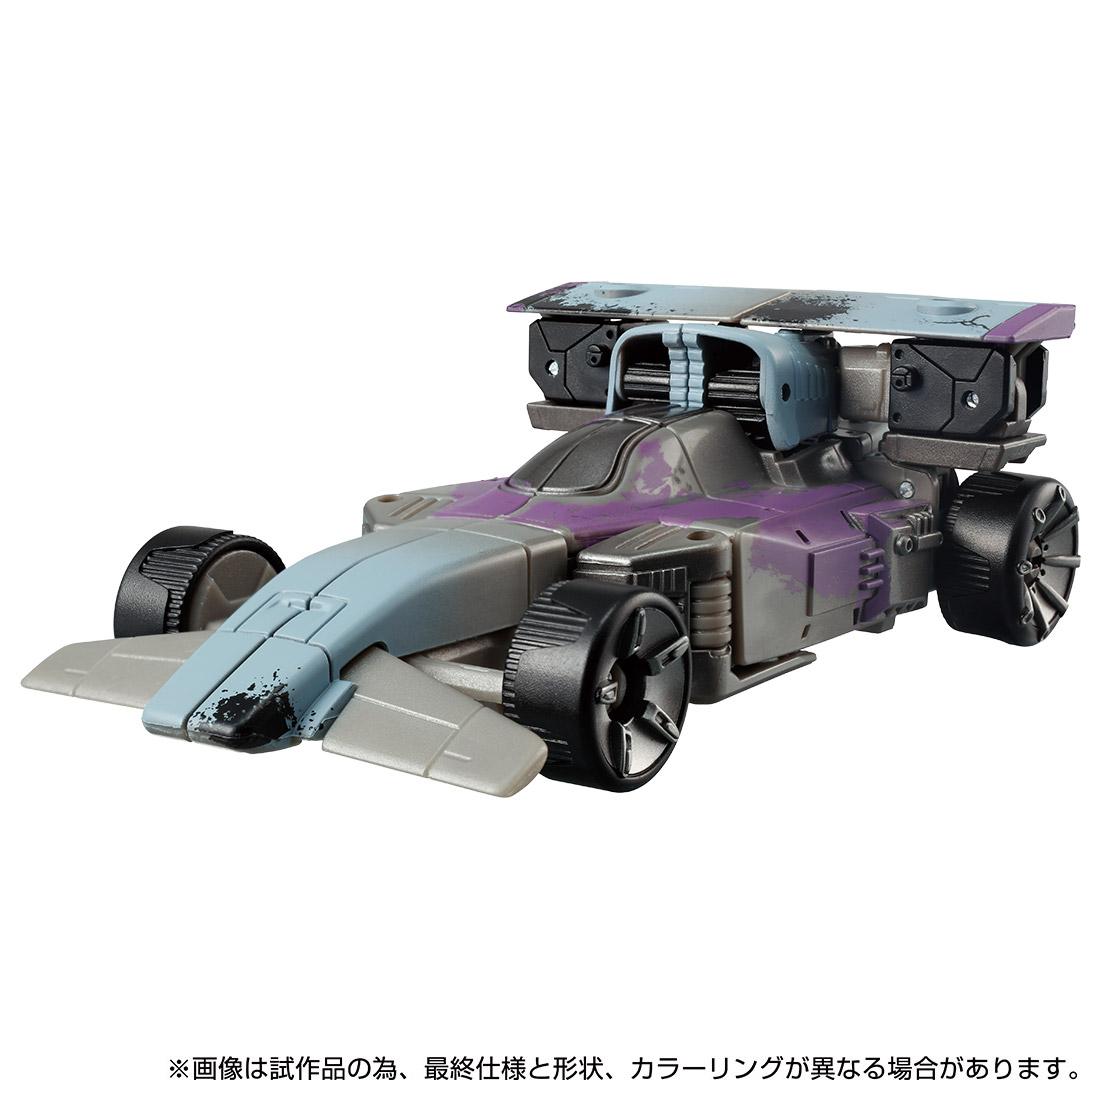 トランスフォーマー ウォーフォーサイバトロン『WFC-01 ミラージュ』可変可動フィギュア-002